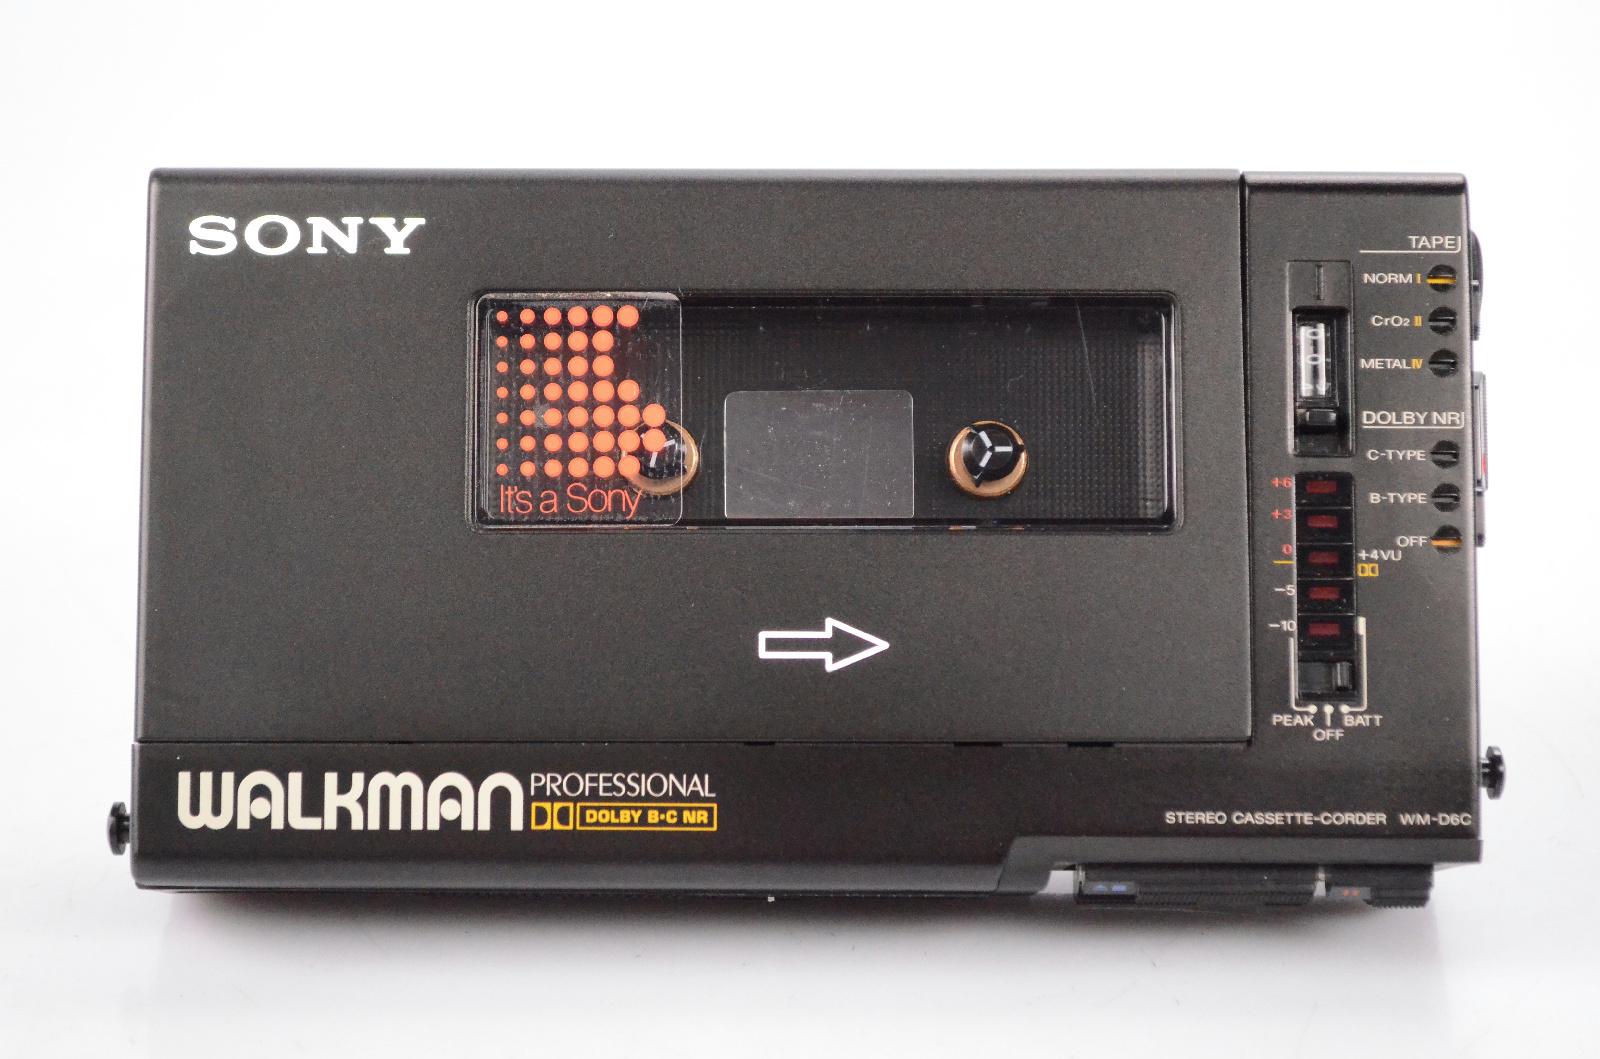 Sony Walkman WM-D6C Professional Stereo Cassette-Corder w/ Case #32447